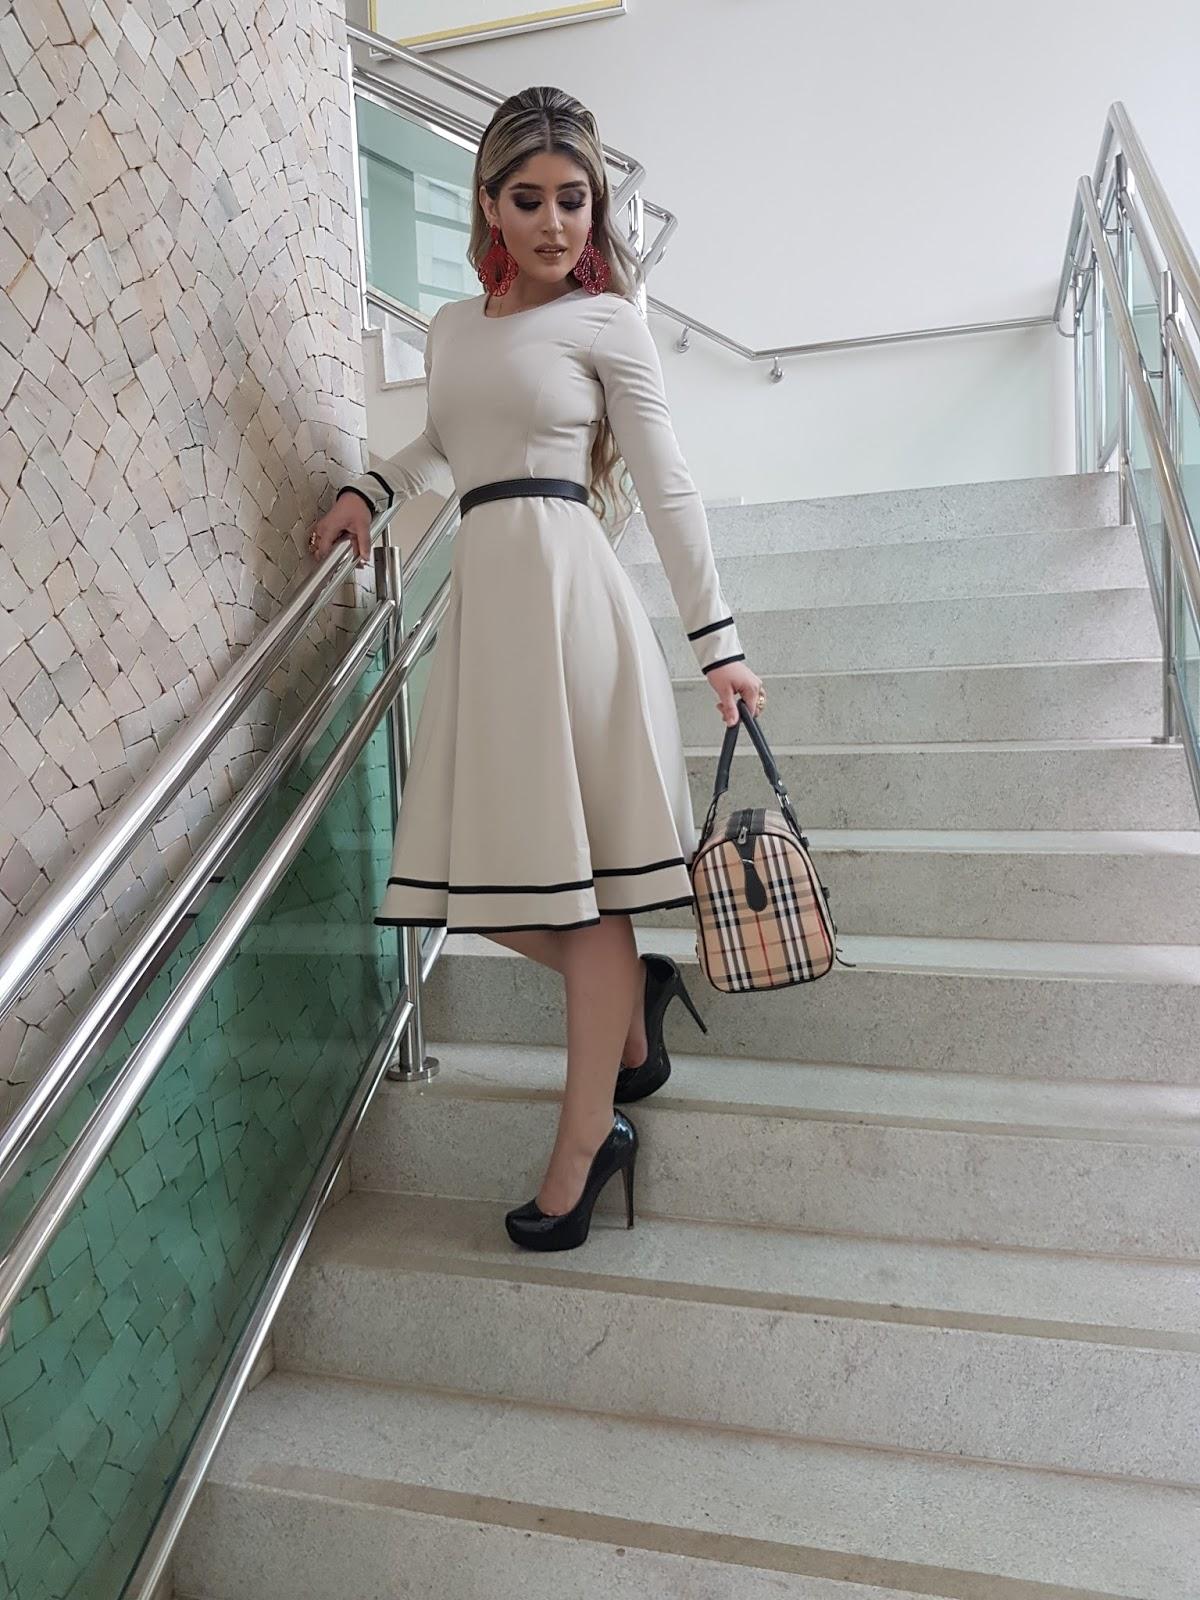 Vestidos Lindos da Closet Luxuoso vem conferir.